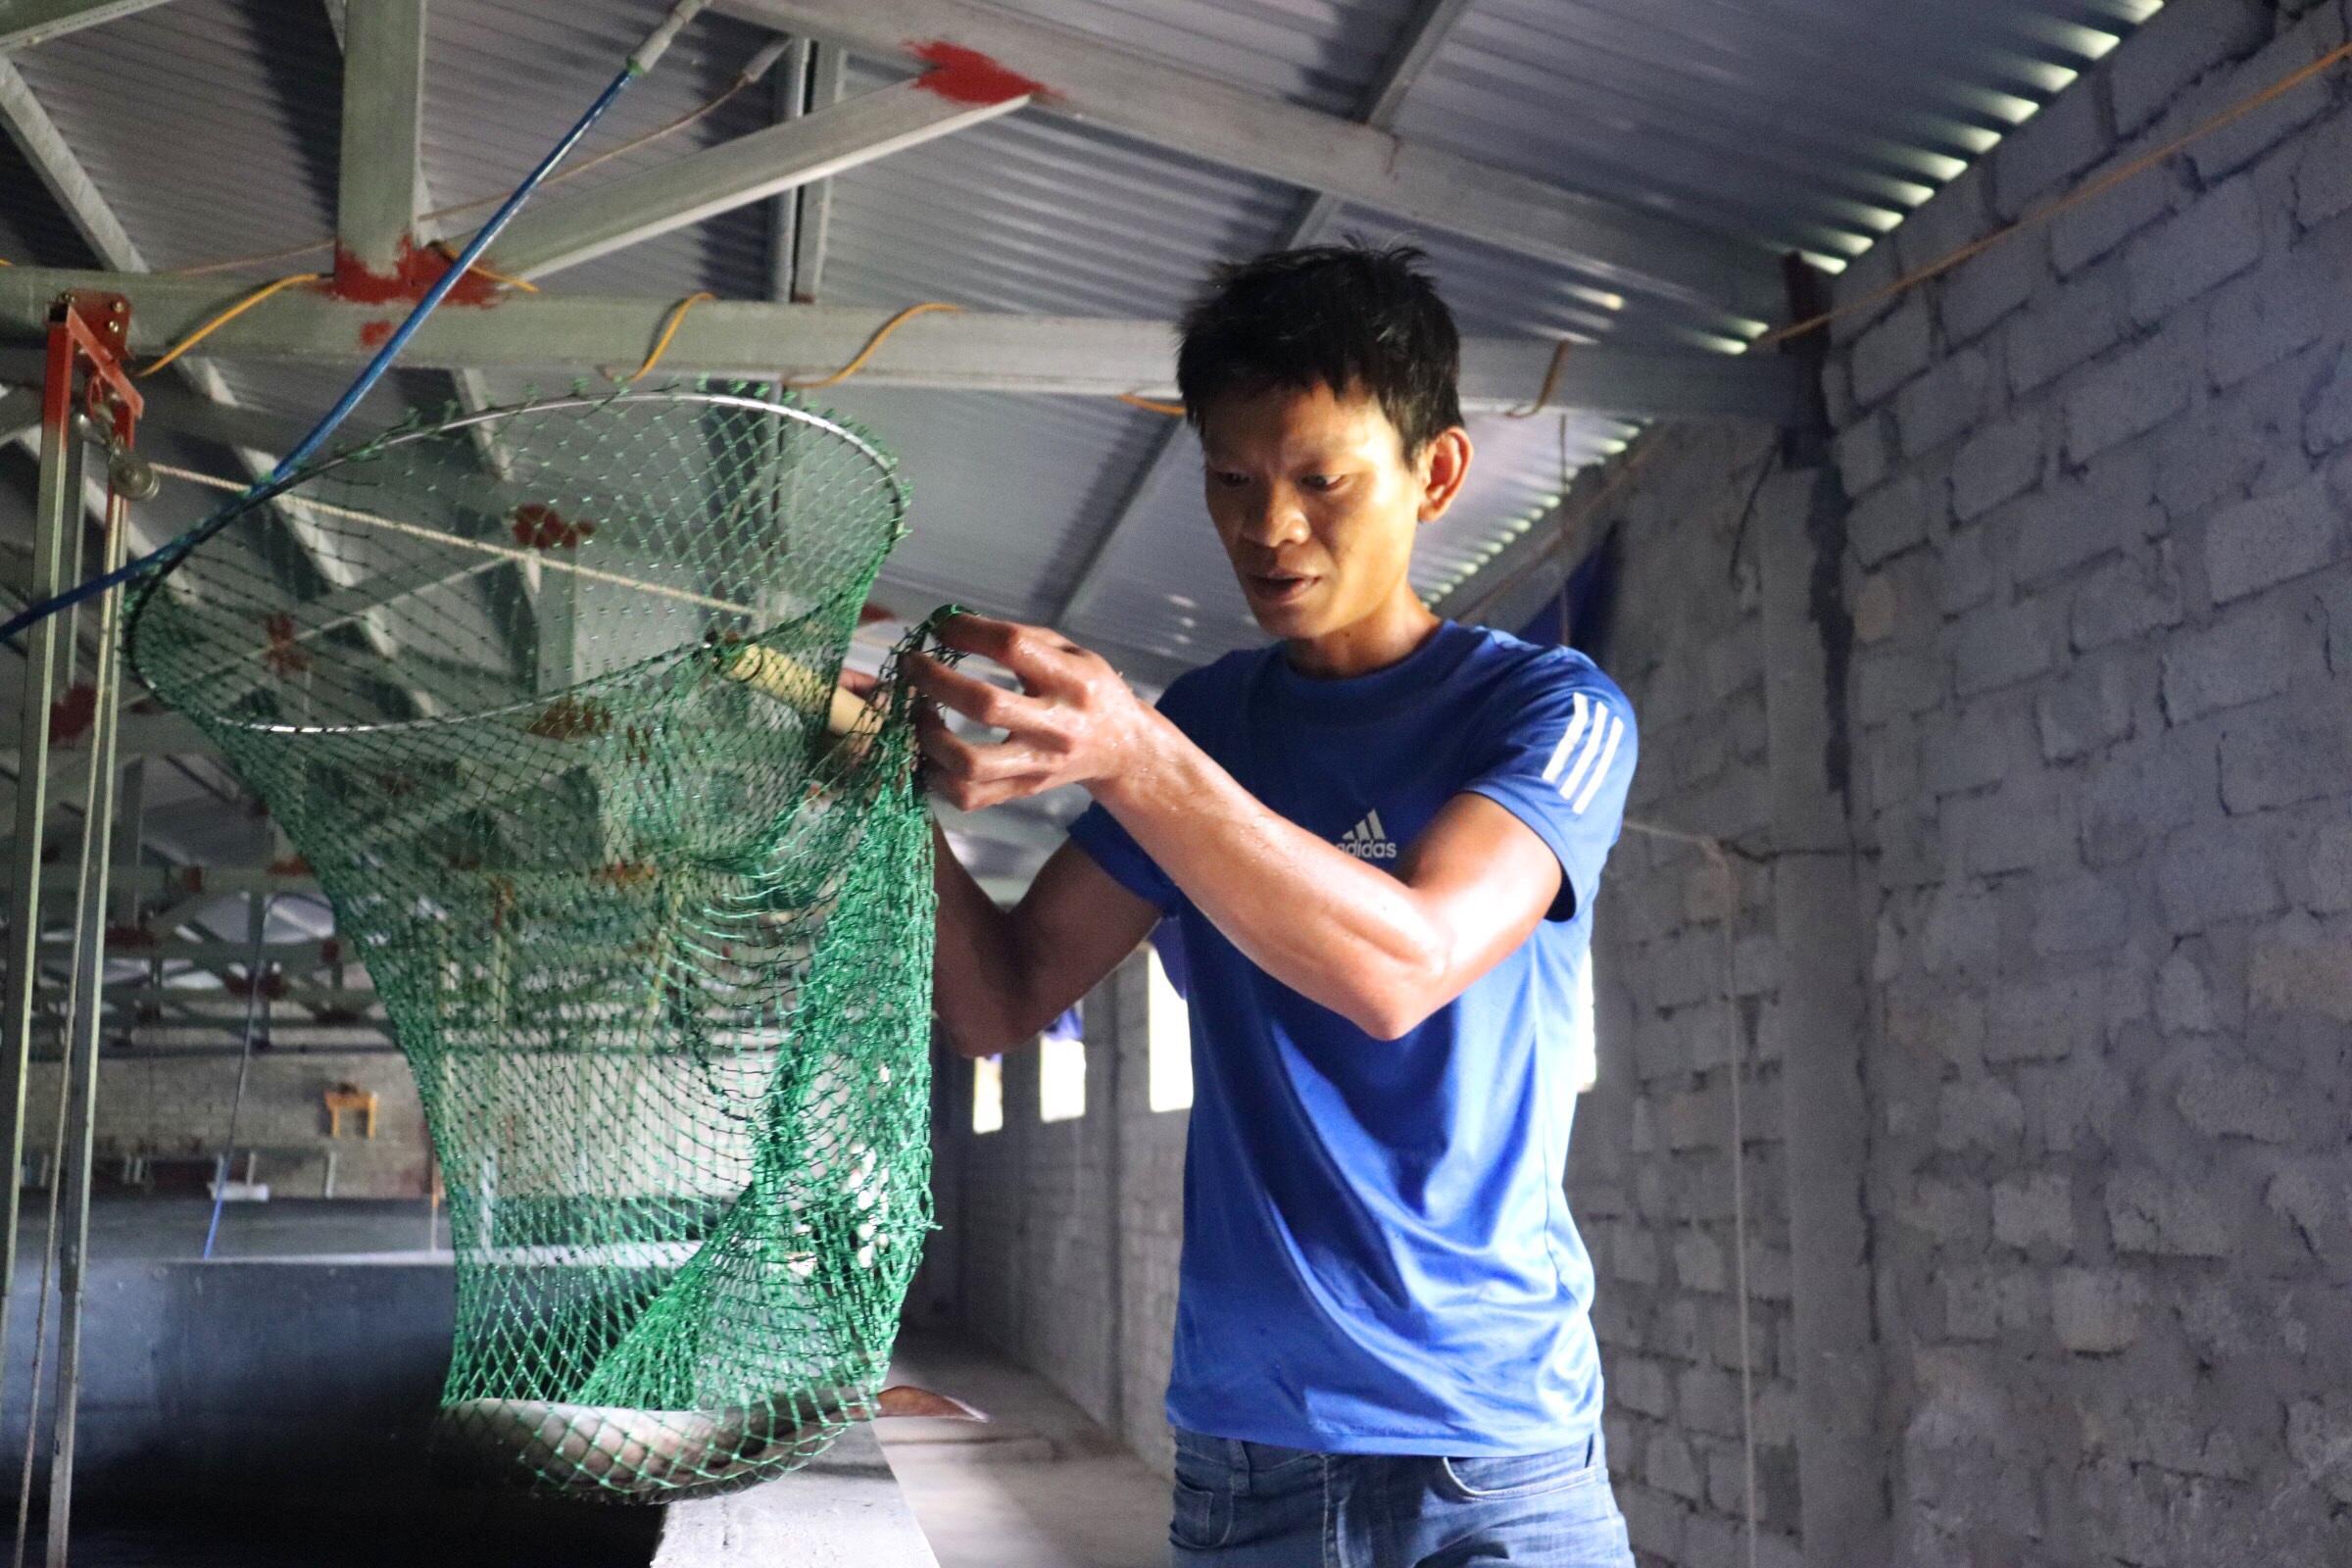 Câu chuyện khởi nghiệp của chàng kỹ sư với 4.000 con cá chình-2